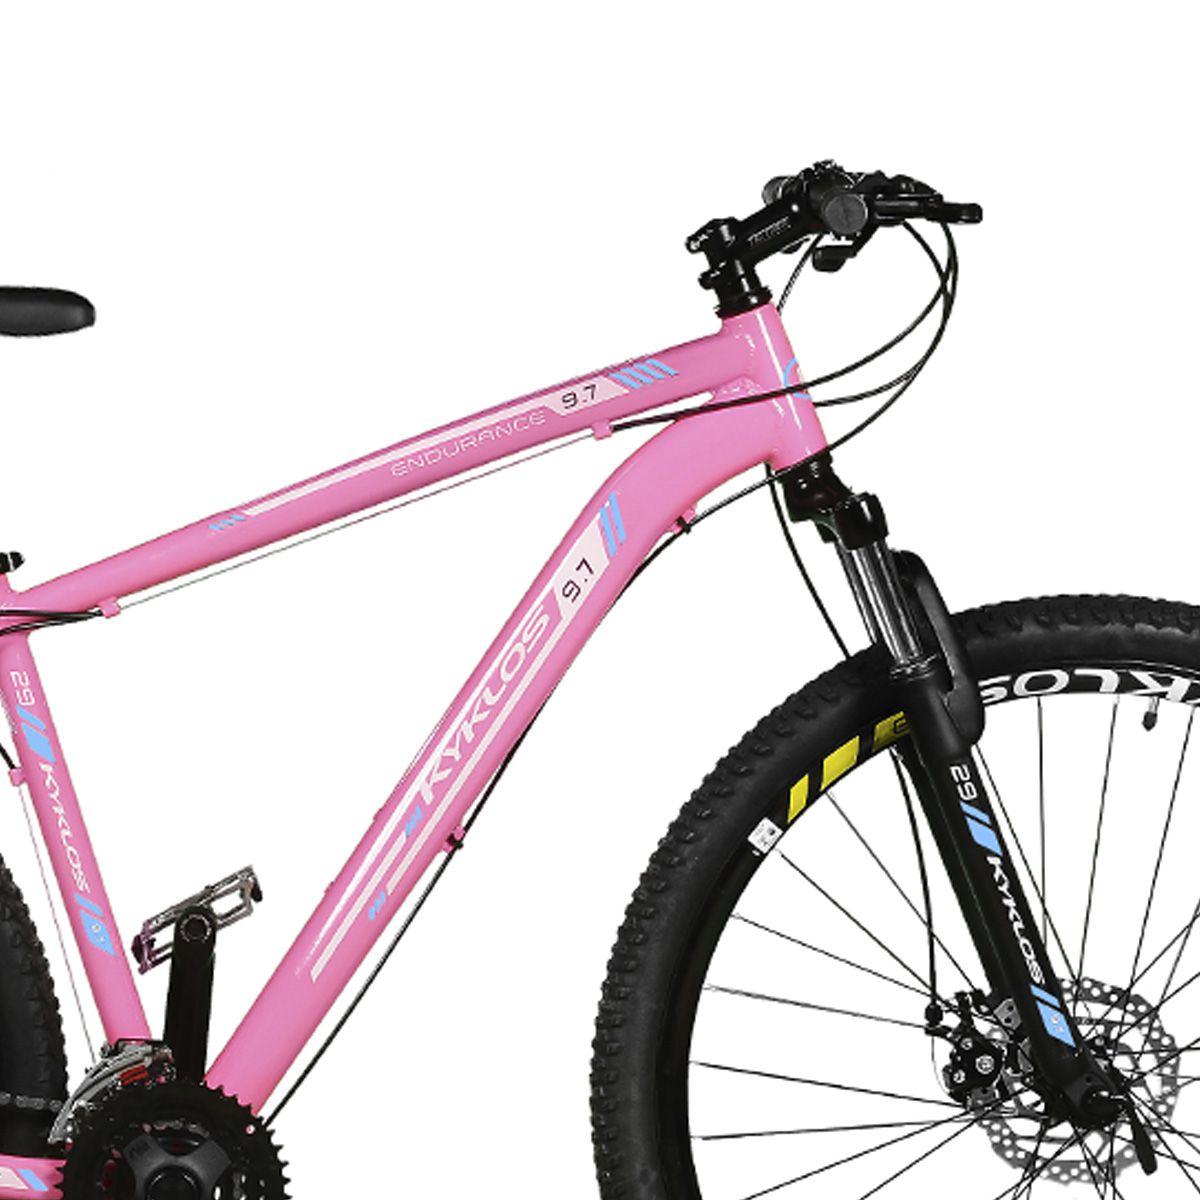 Bicicleta Kyklos Aro 29 Endurance 9.7 24V Freio a Disco com Suspensão A-36 Rosa/Azul